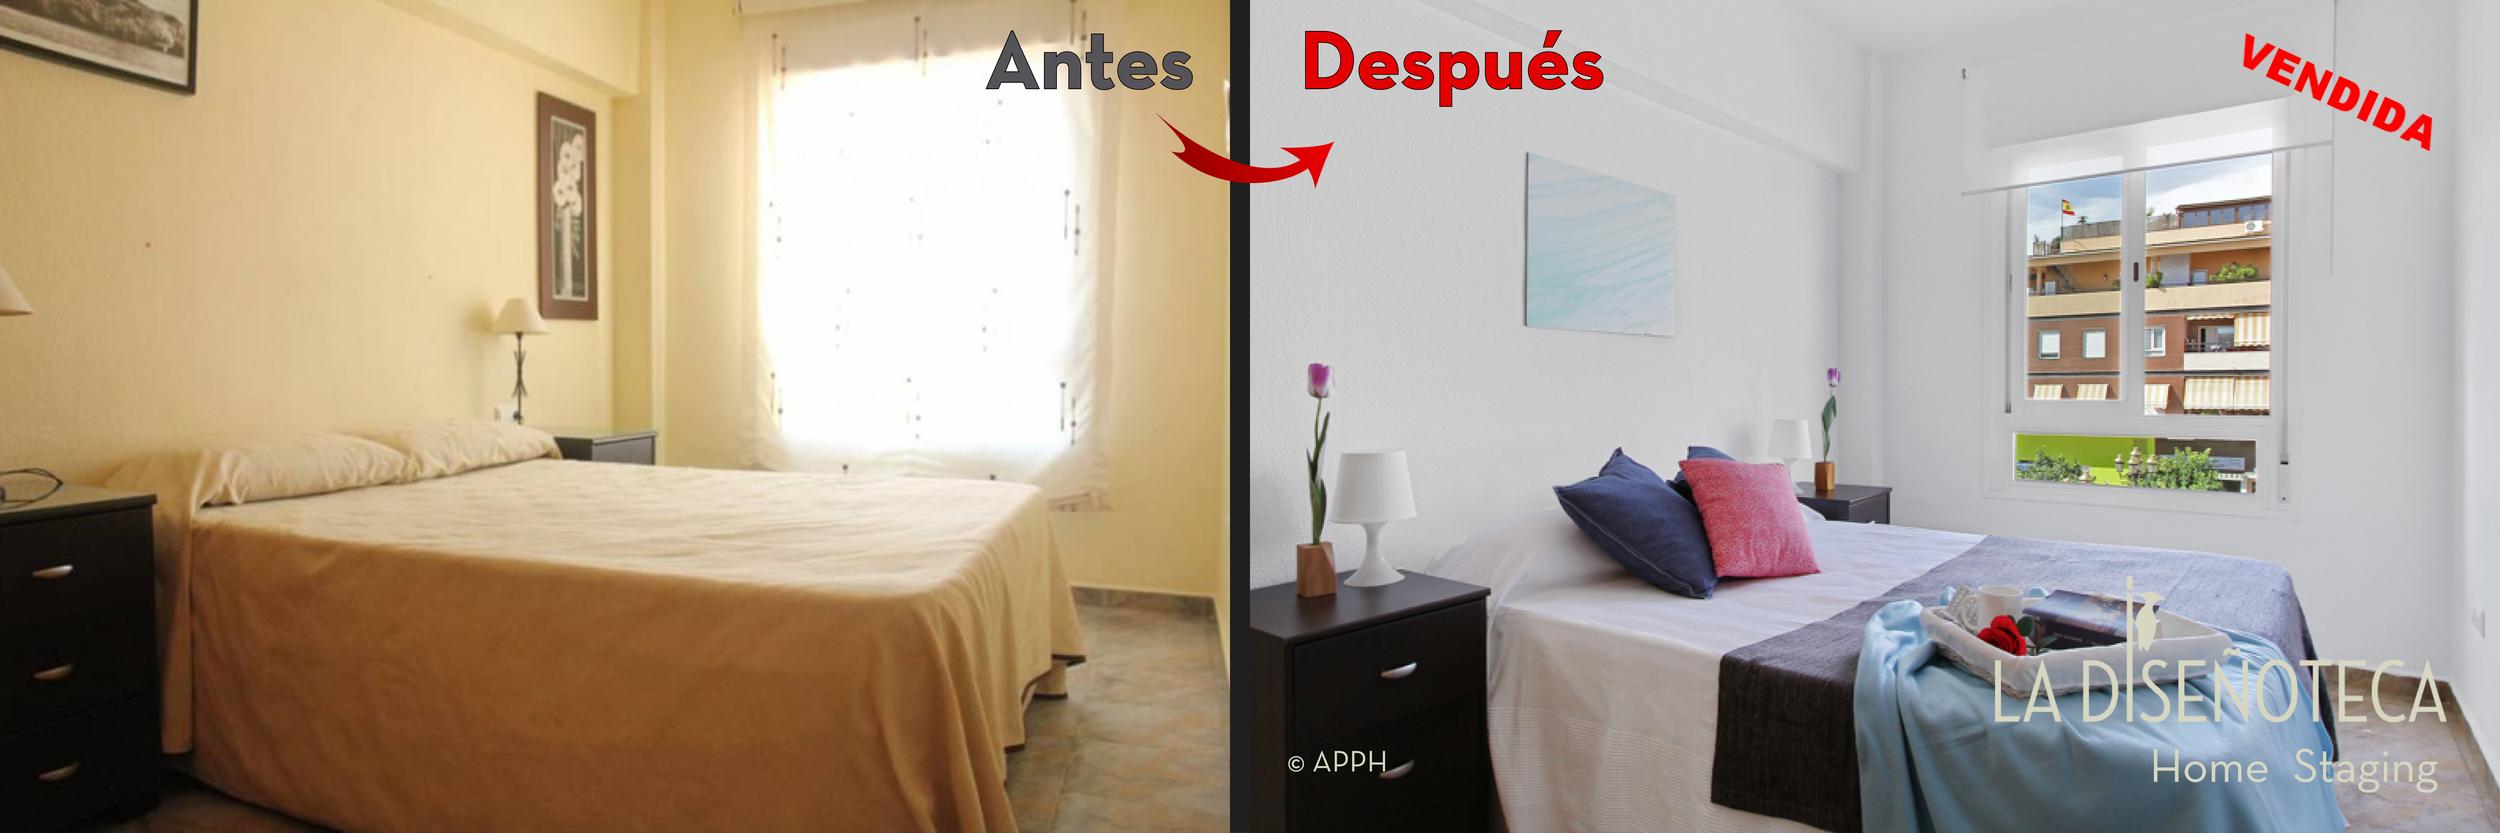 AntesyDespues Sevilla_hab1.png